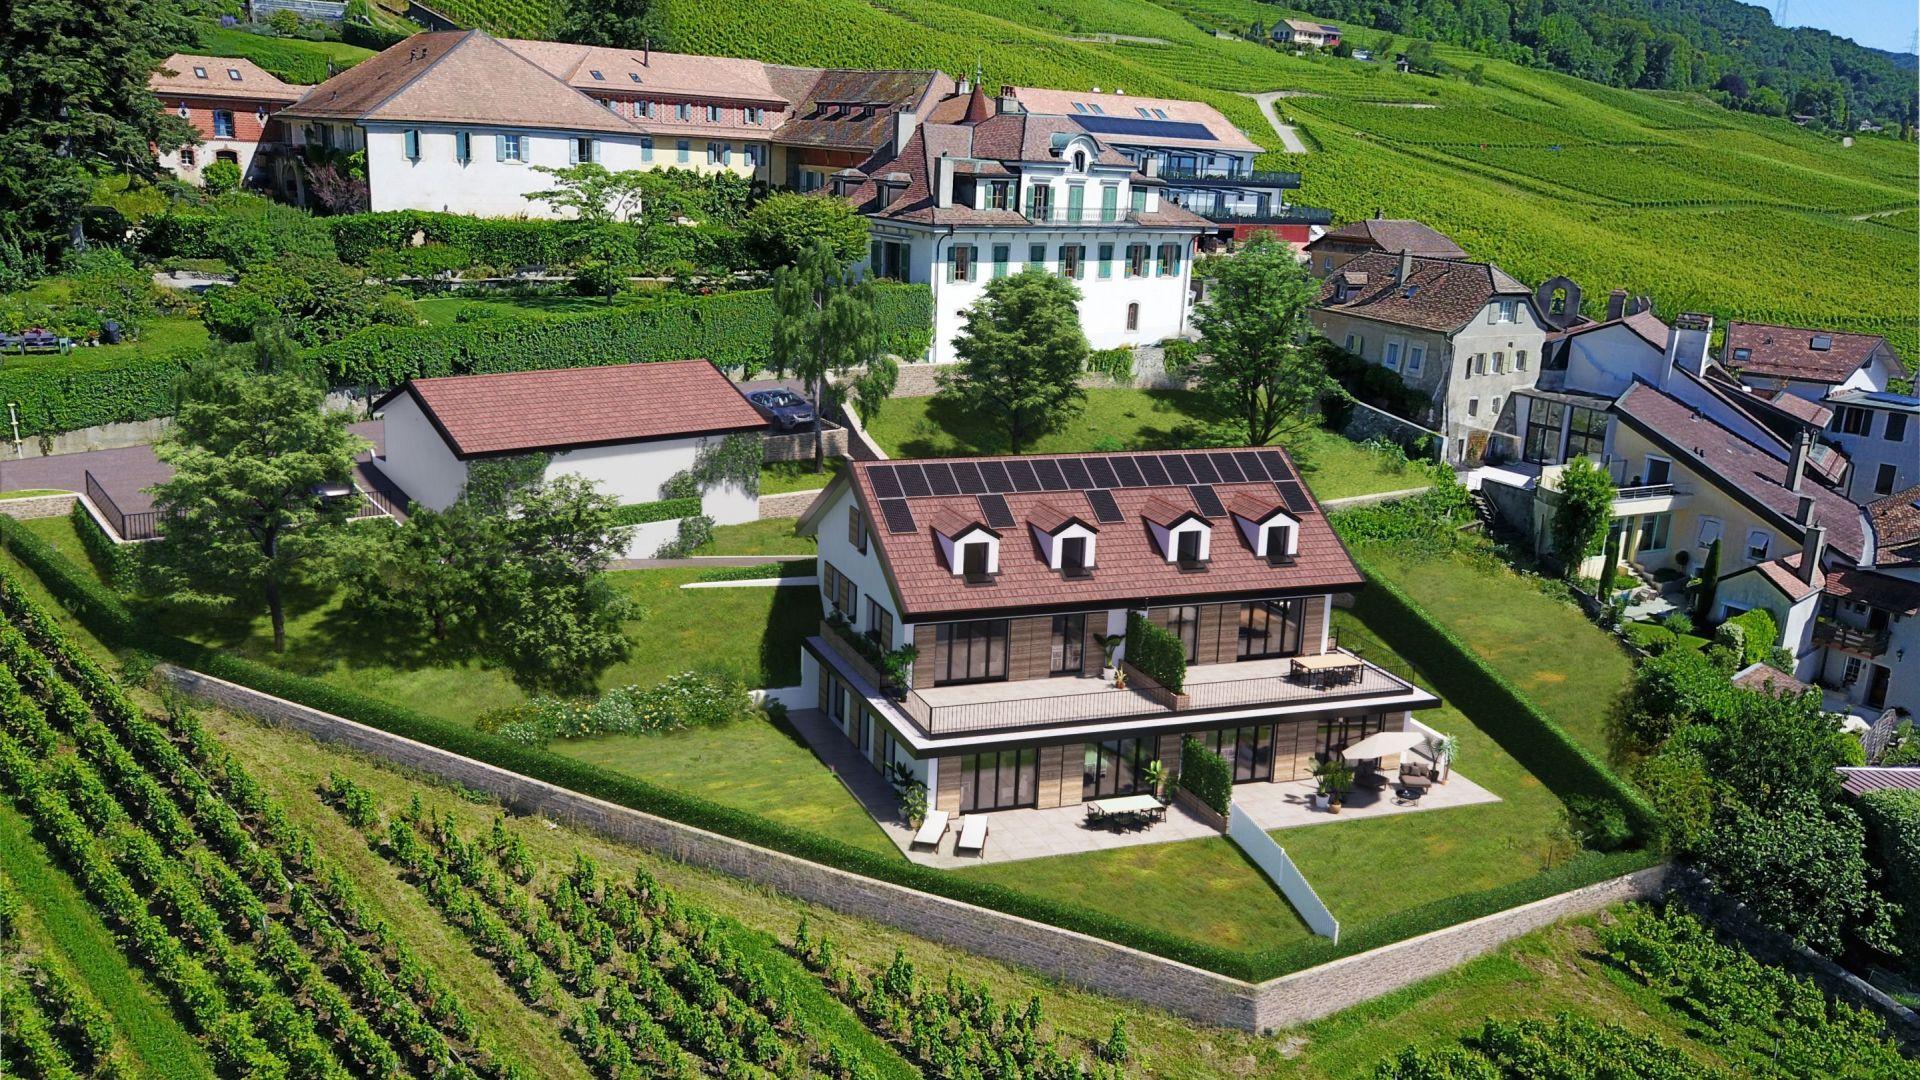 Vinzel - Les Terrasses du Château - Projet de 4 appartements de standing - Livraison début 2022